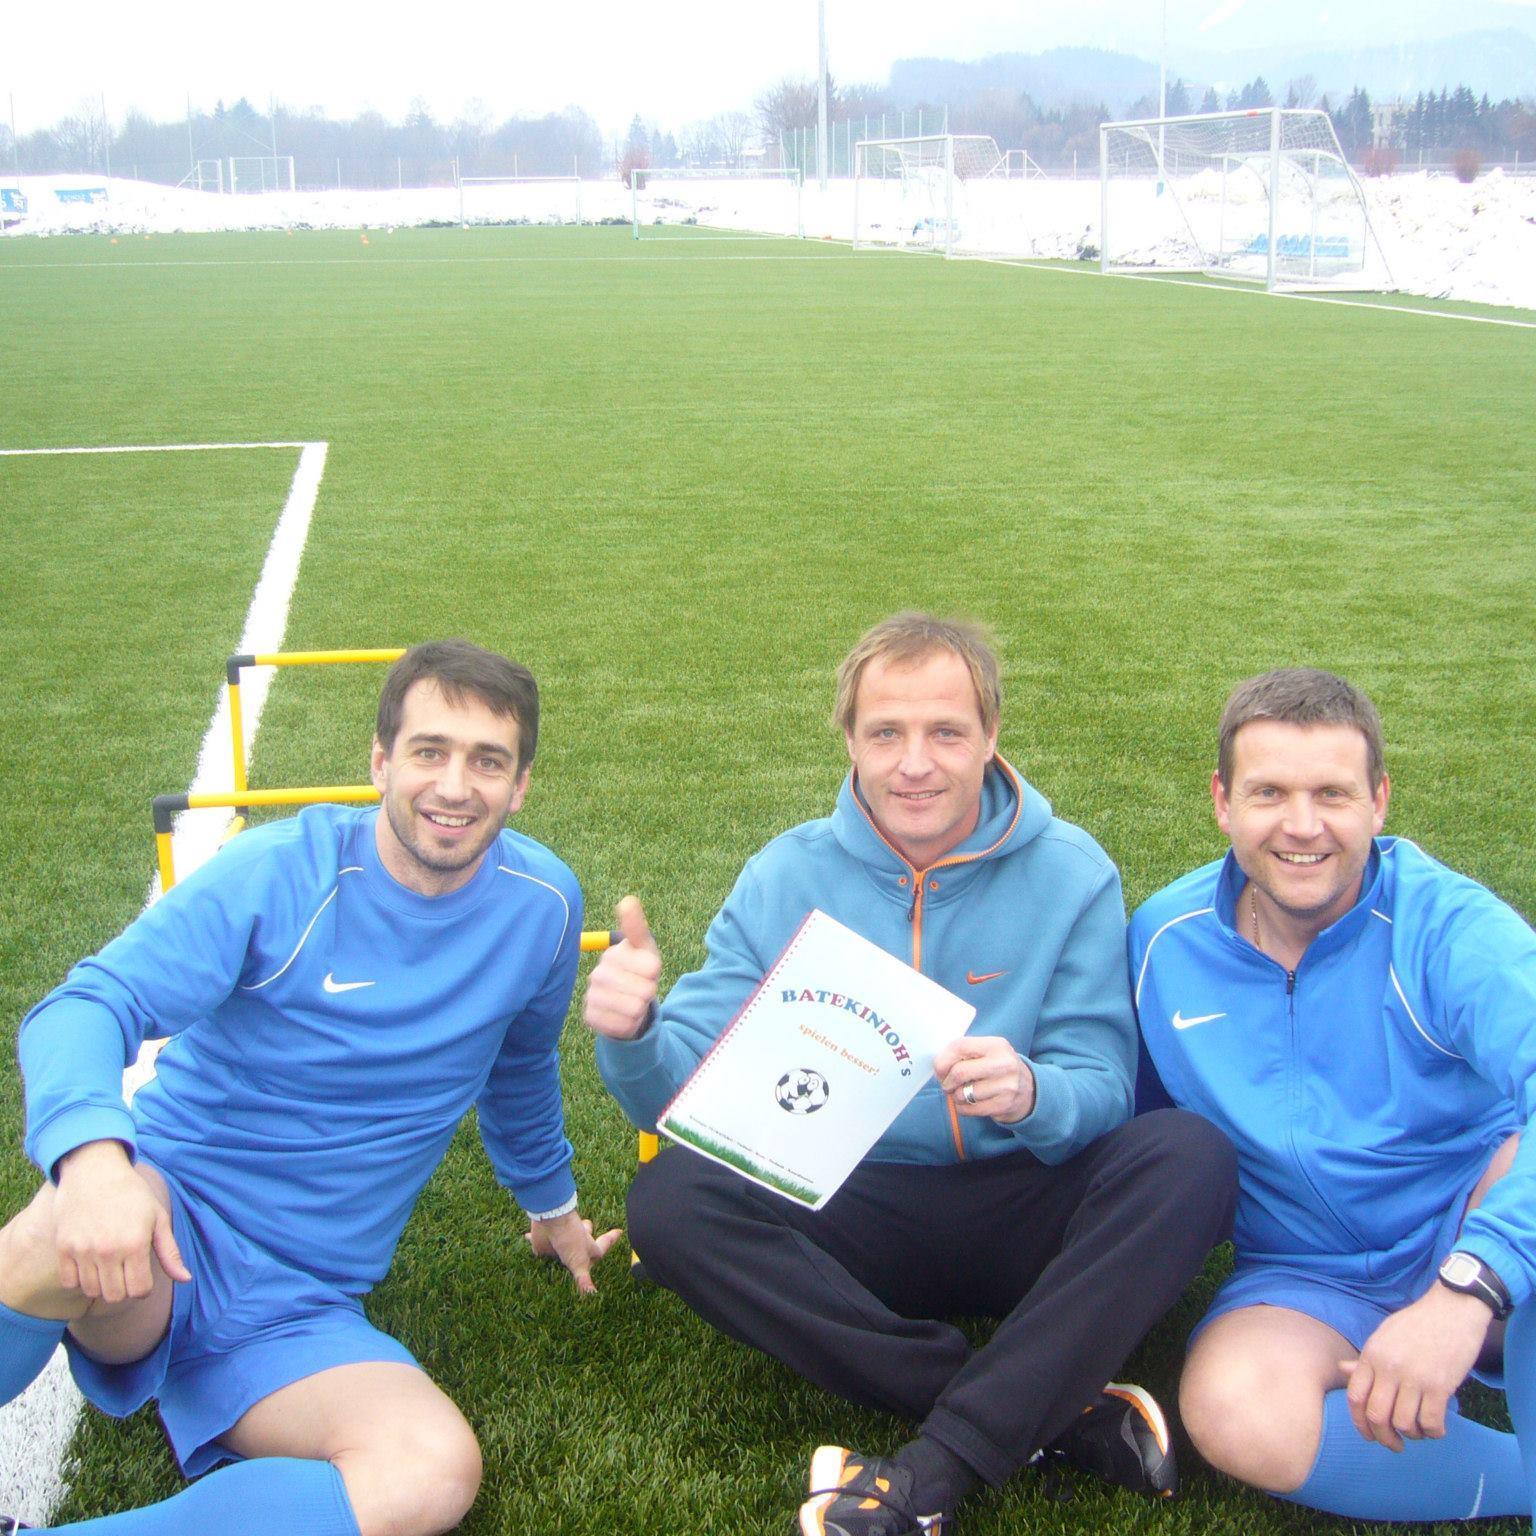 Didi Berchtold, Wolfgang Kühne und Schirmherr Heimo Pfeifenberger freuen sich auf die neue Aufgabe.